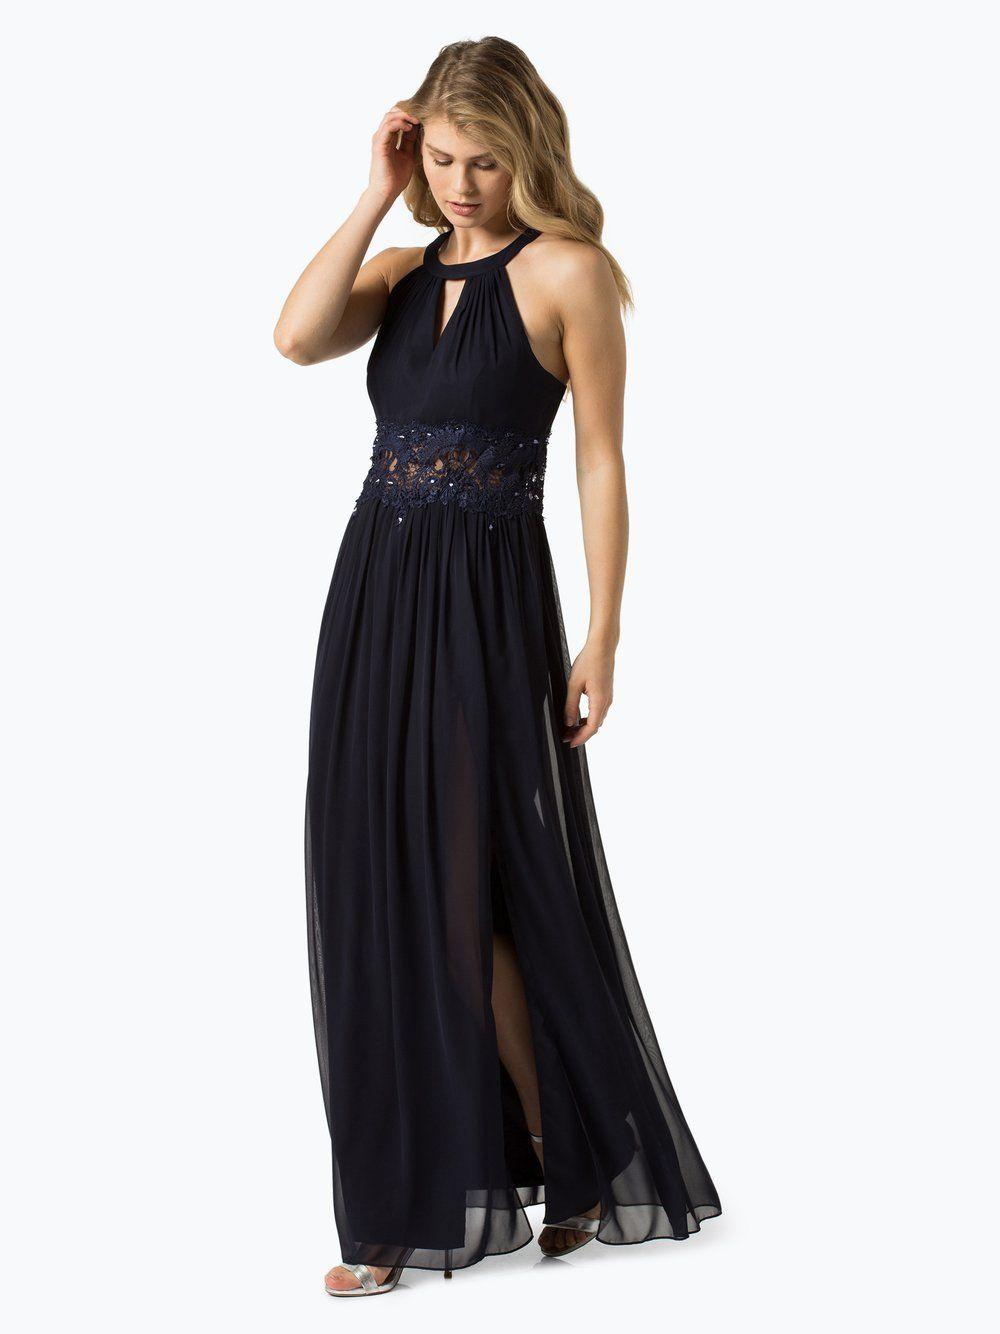 Damen Abendkleid  Abendkleid, Damen abendkleider und Schwarzes kleid